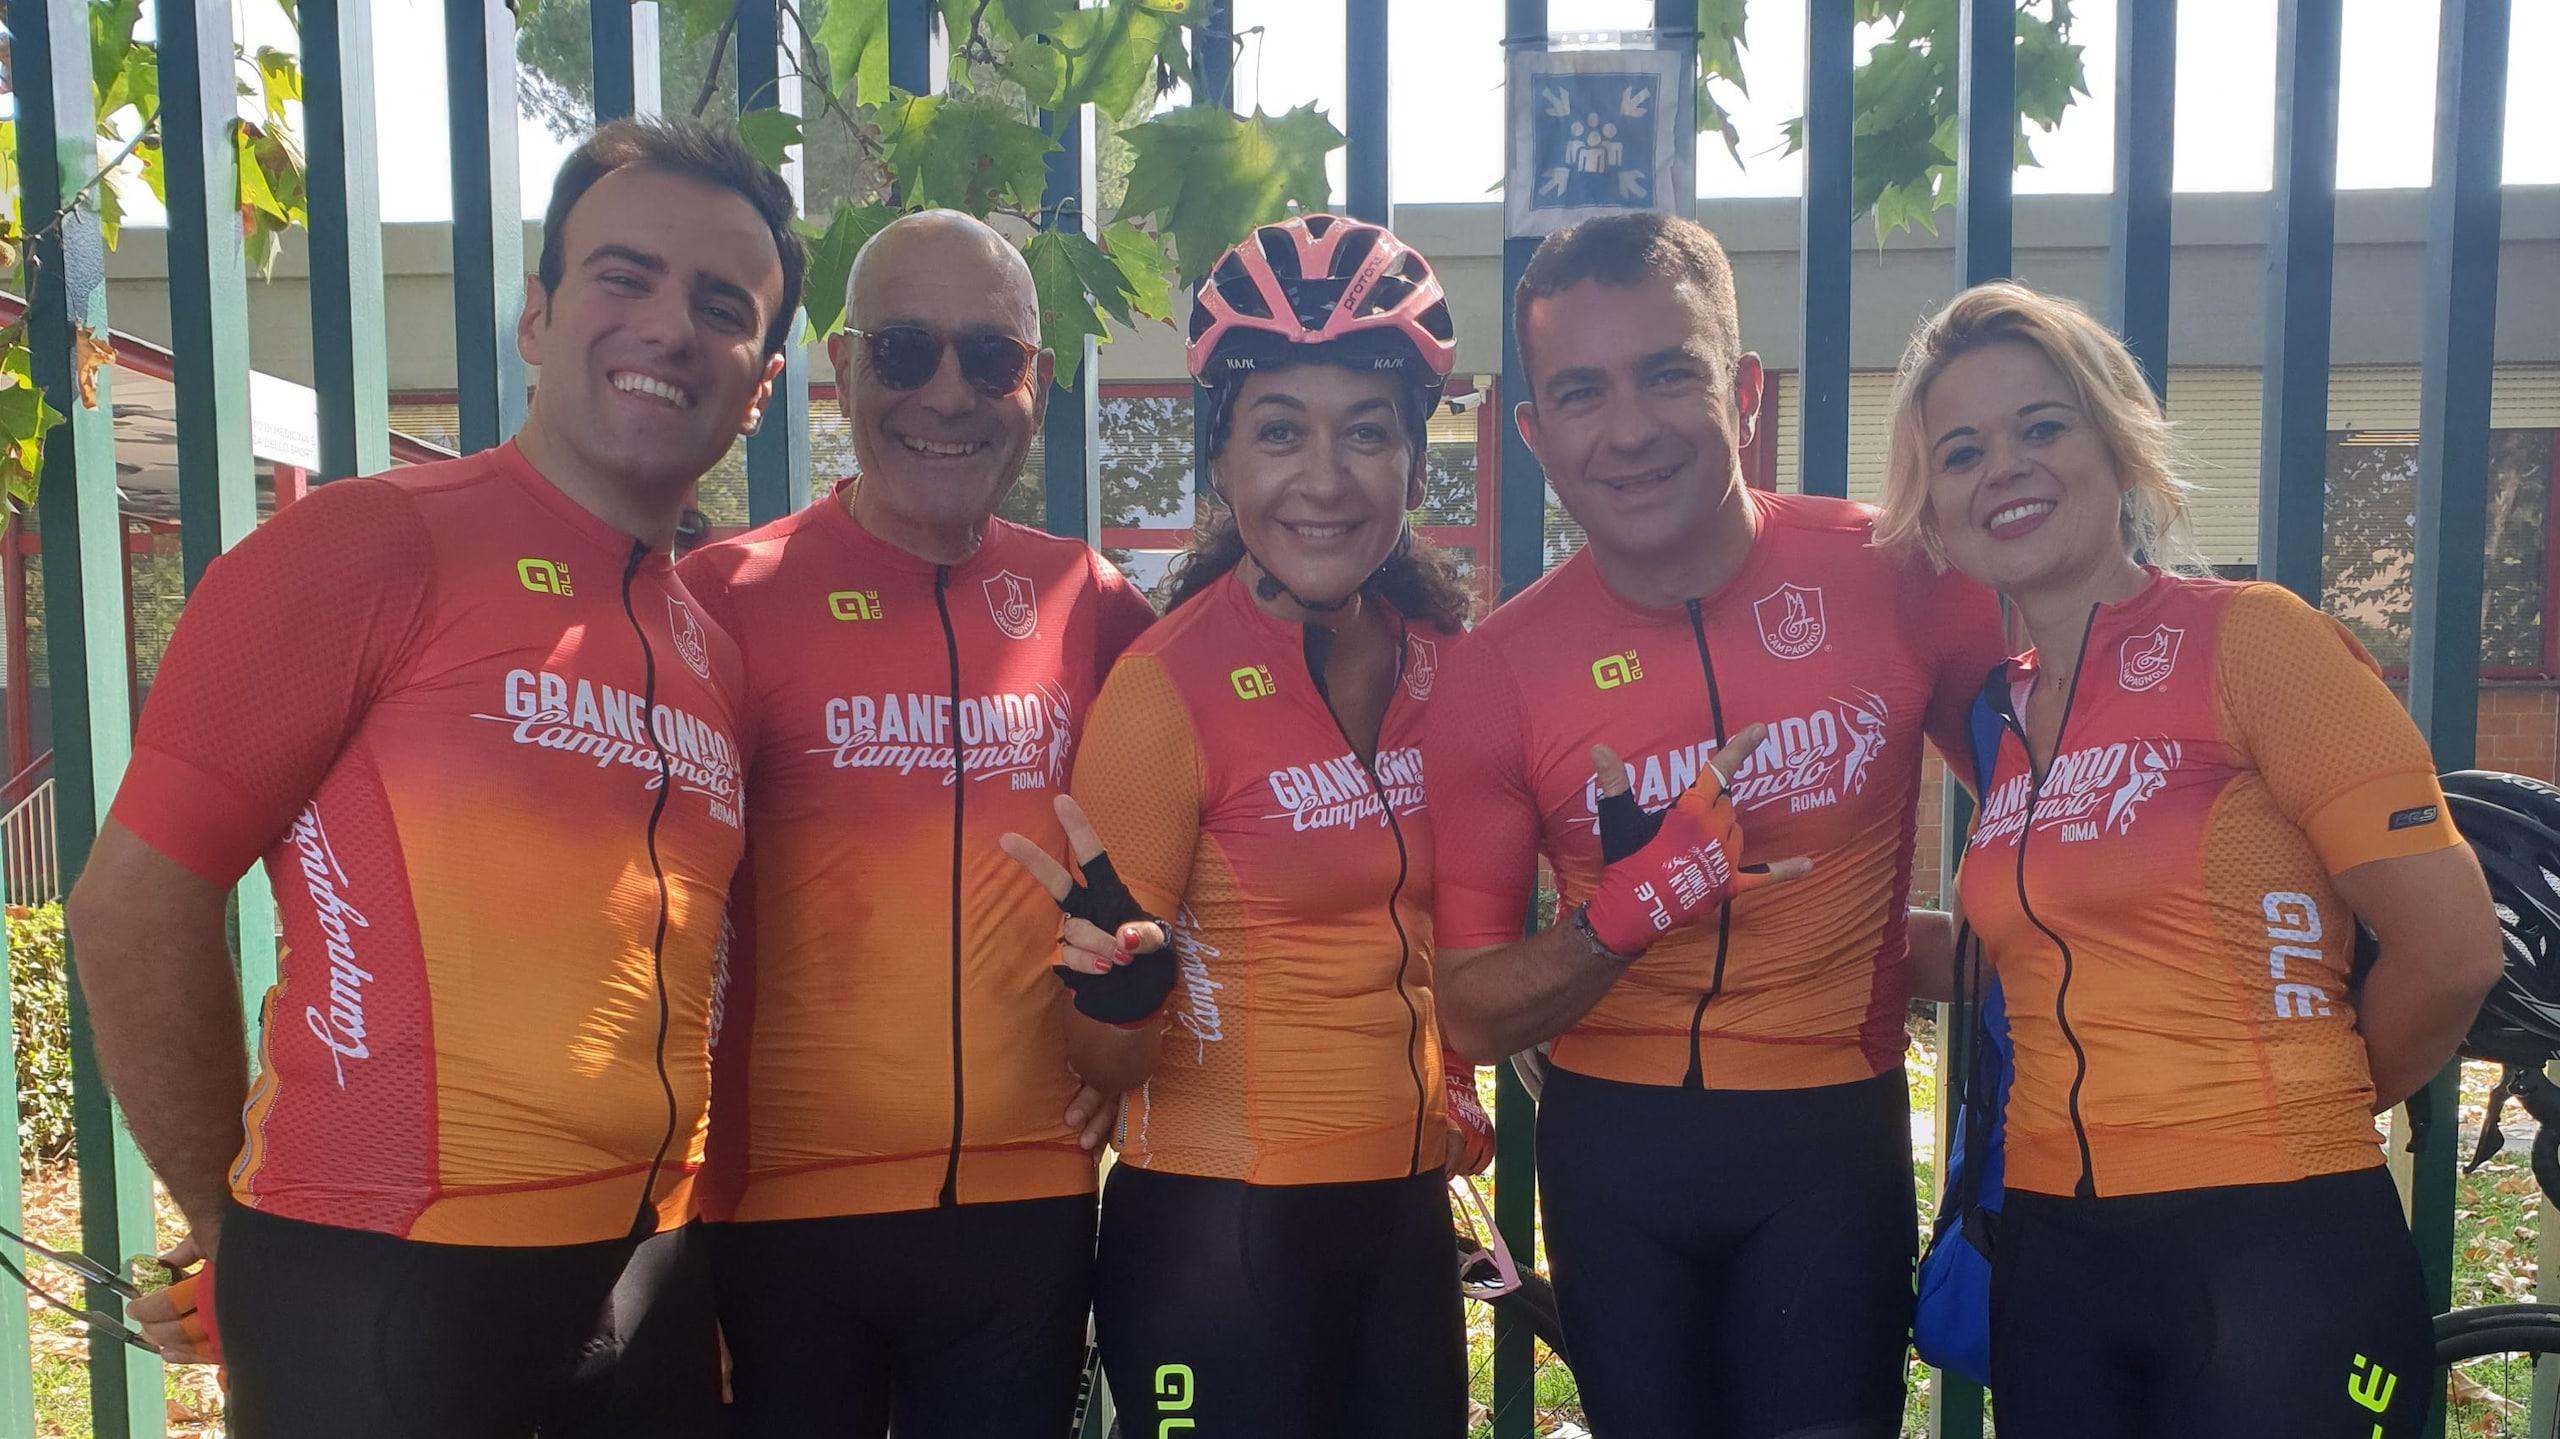 Granfondo Campagnolo: presentata la maglia dell'edizione 2019